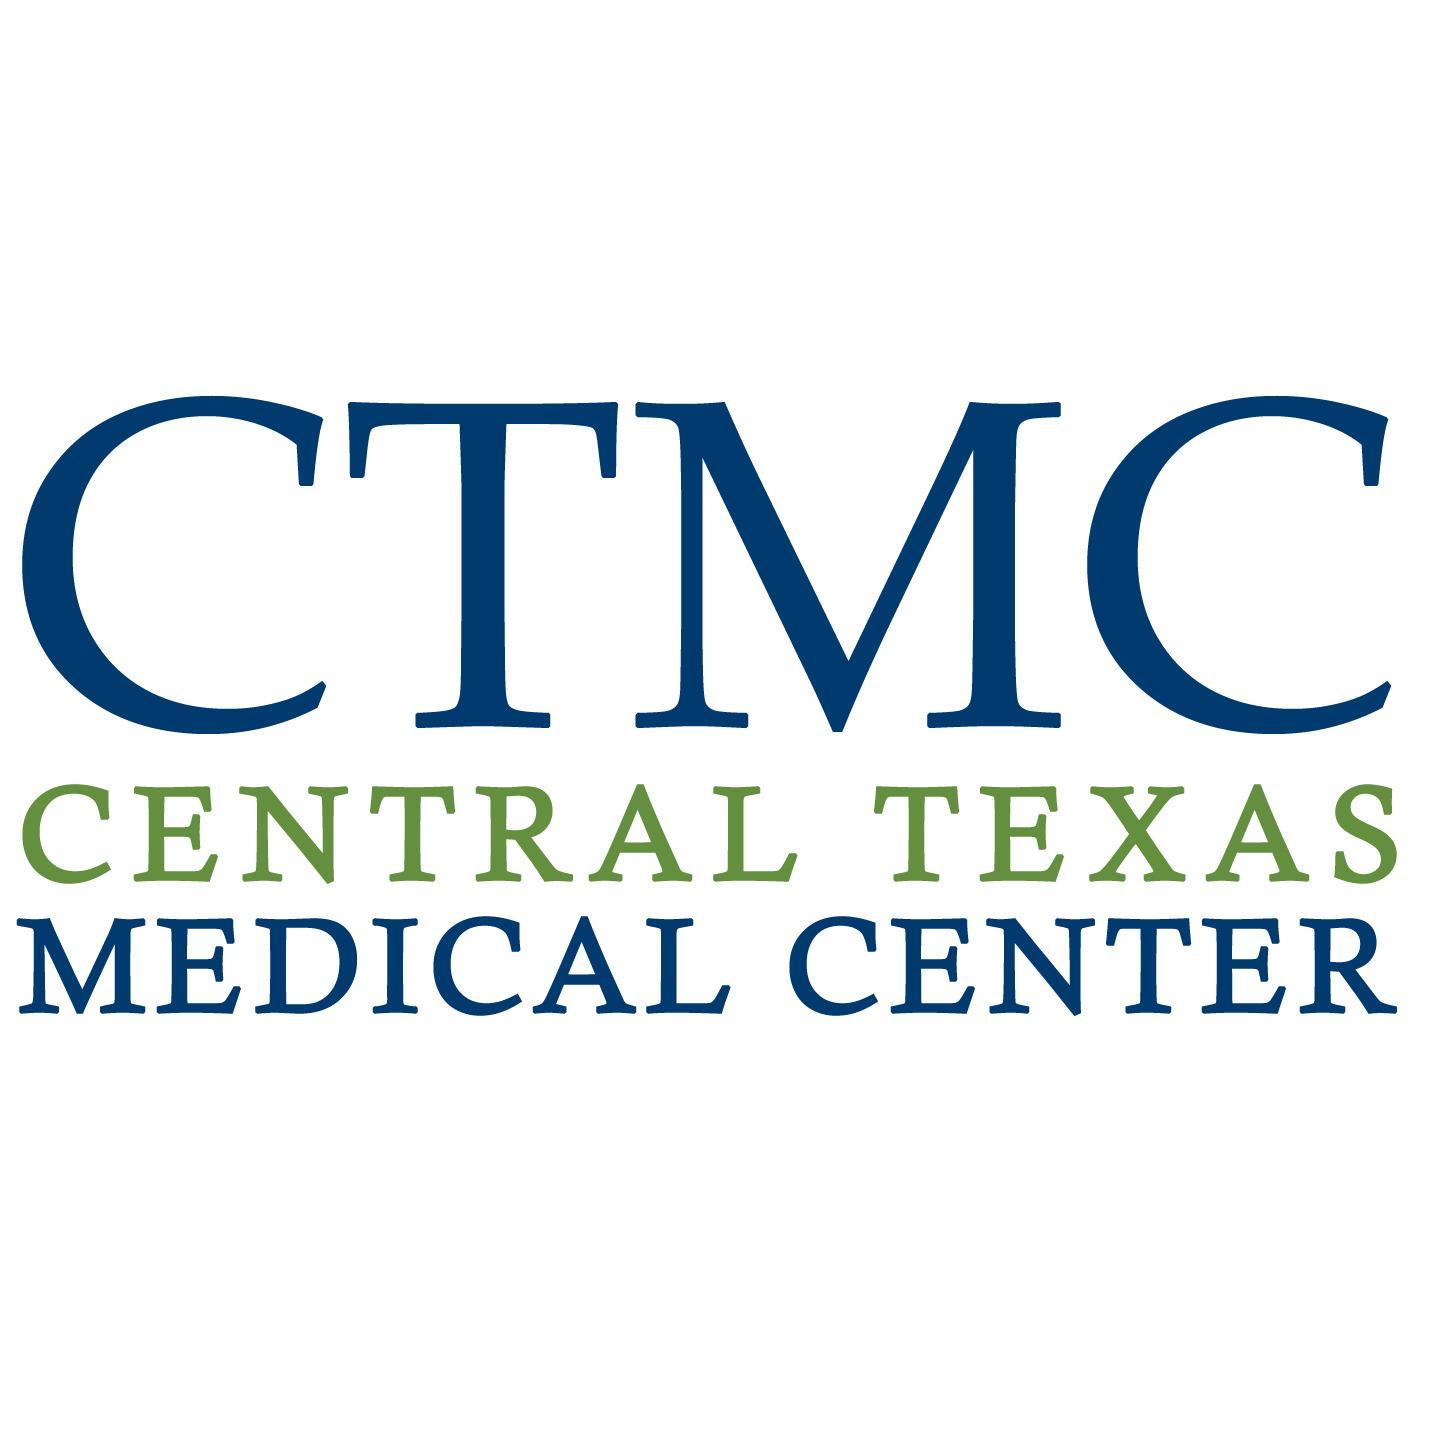 Sleep Center: Central Texas Medical Center